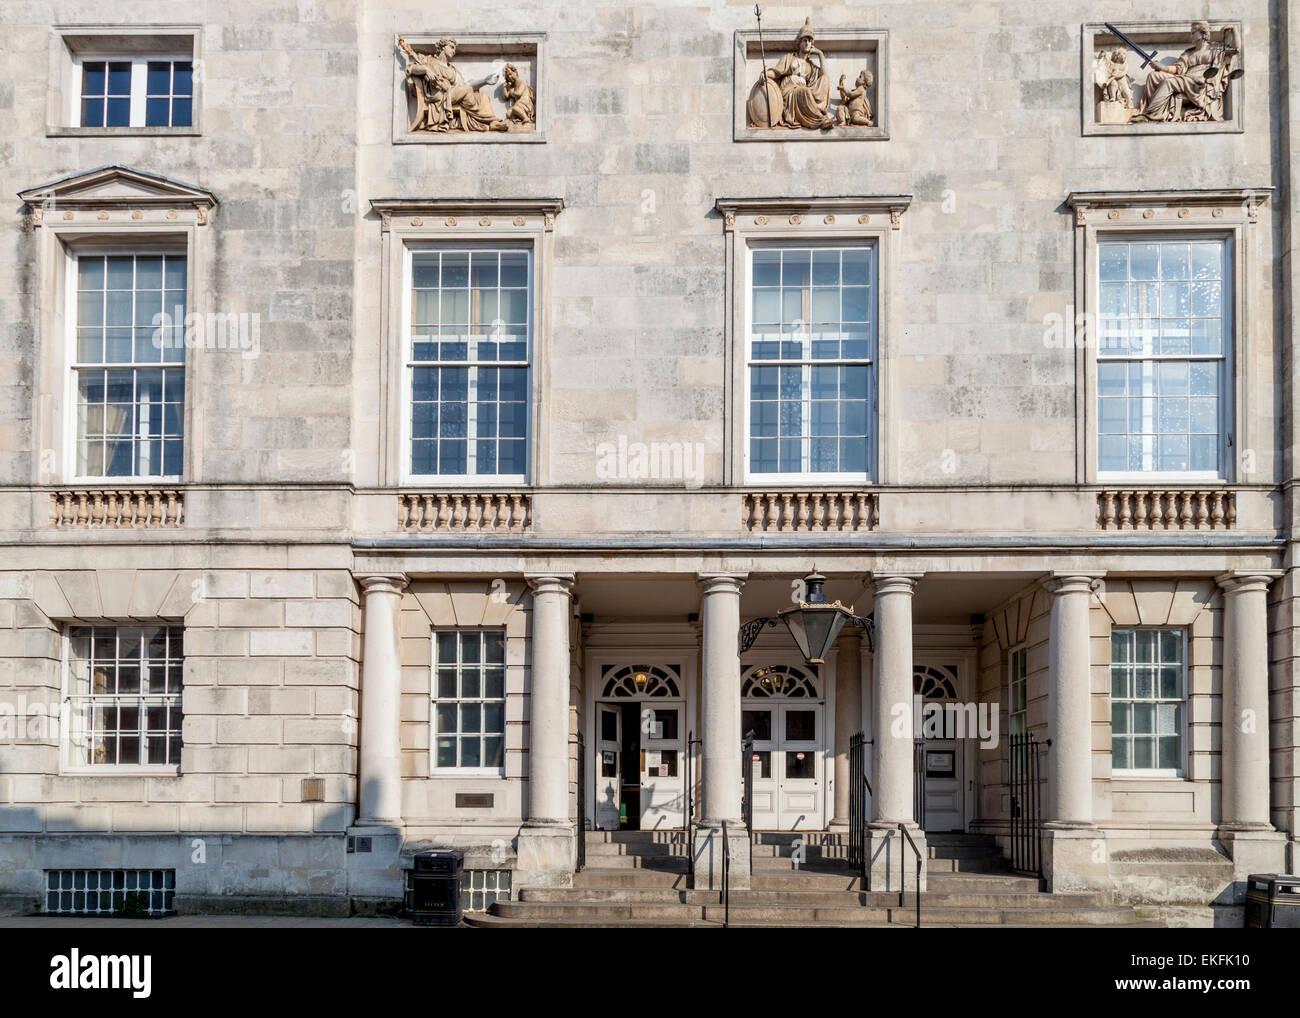 El Tribunal de la corona, Lewes, East Sussex, Reino Unido Foto de stock